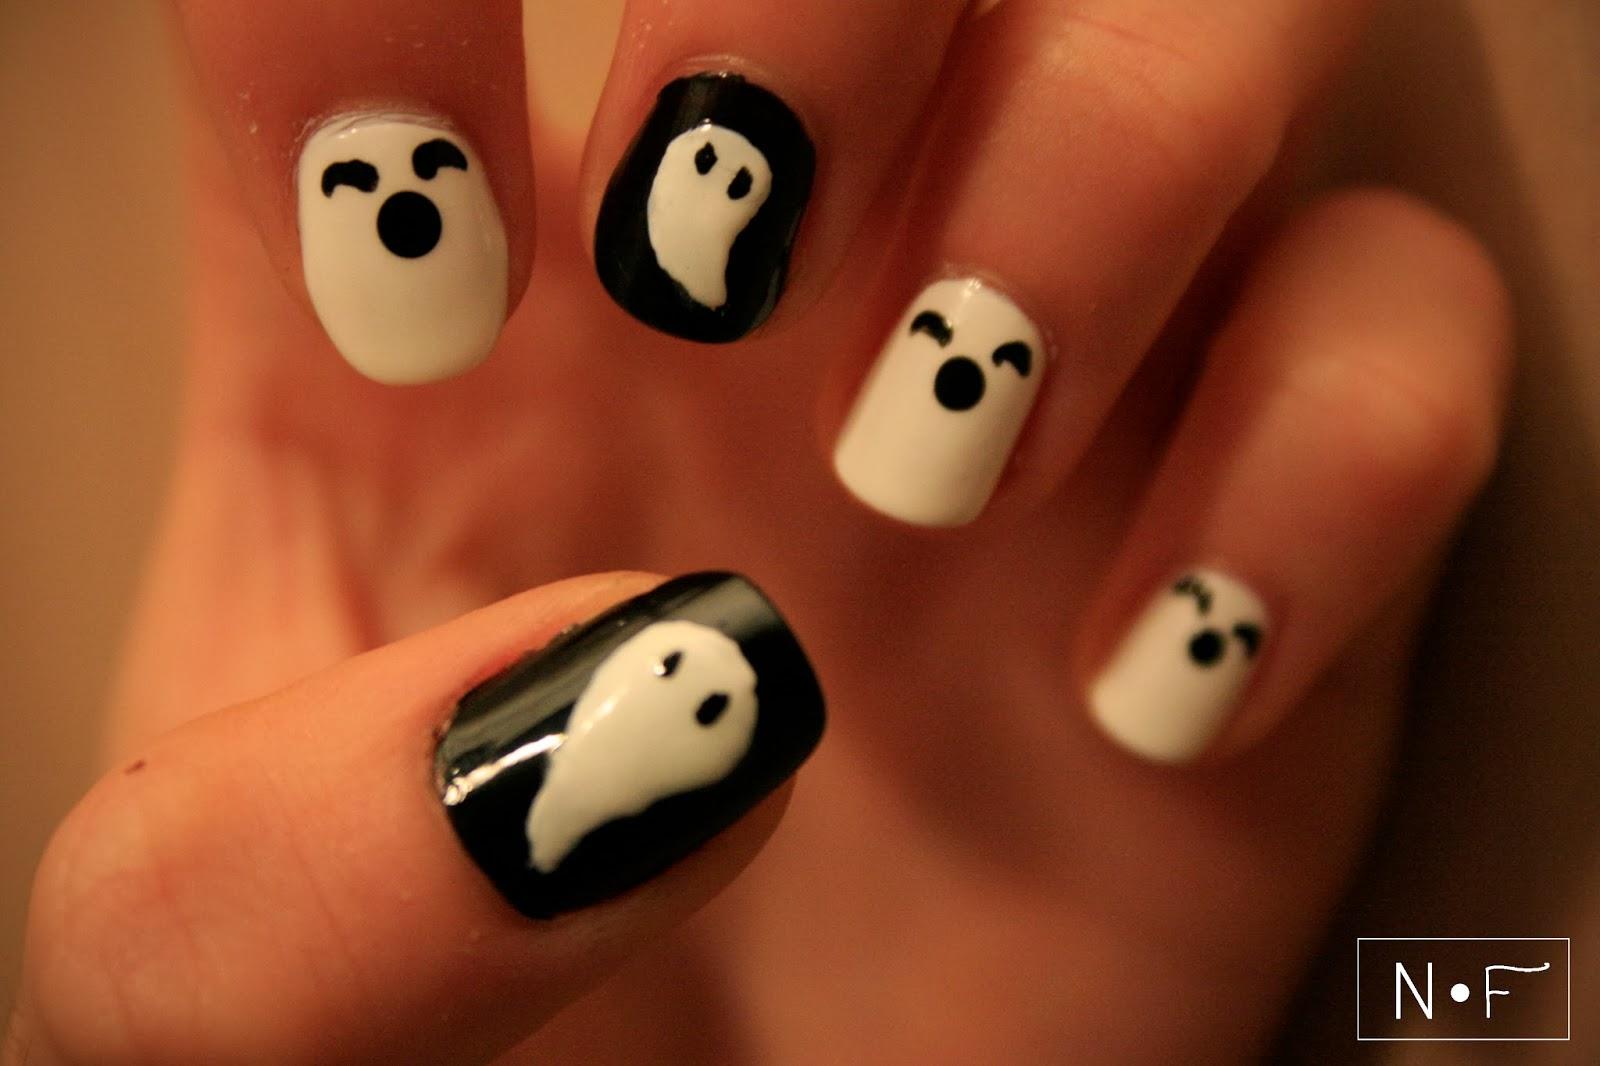 http://nerdyfleurty.blogspot.com/2013/10/ghosts-for-halloween.html